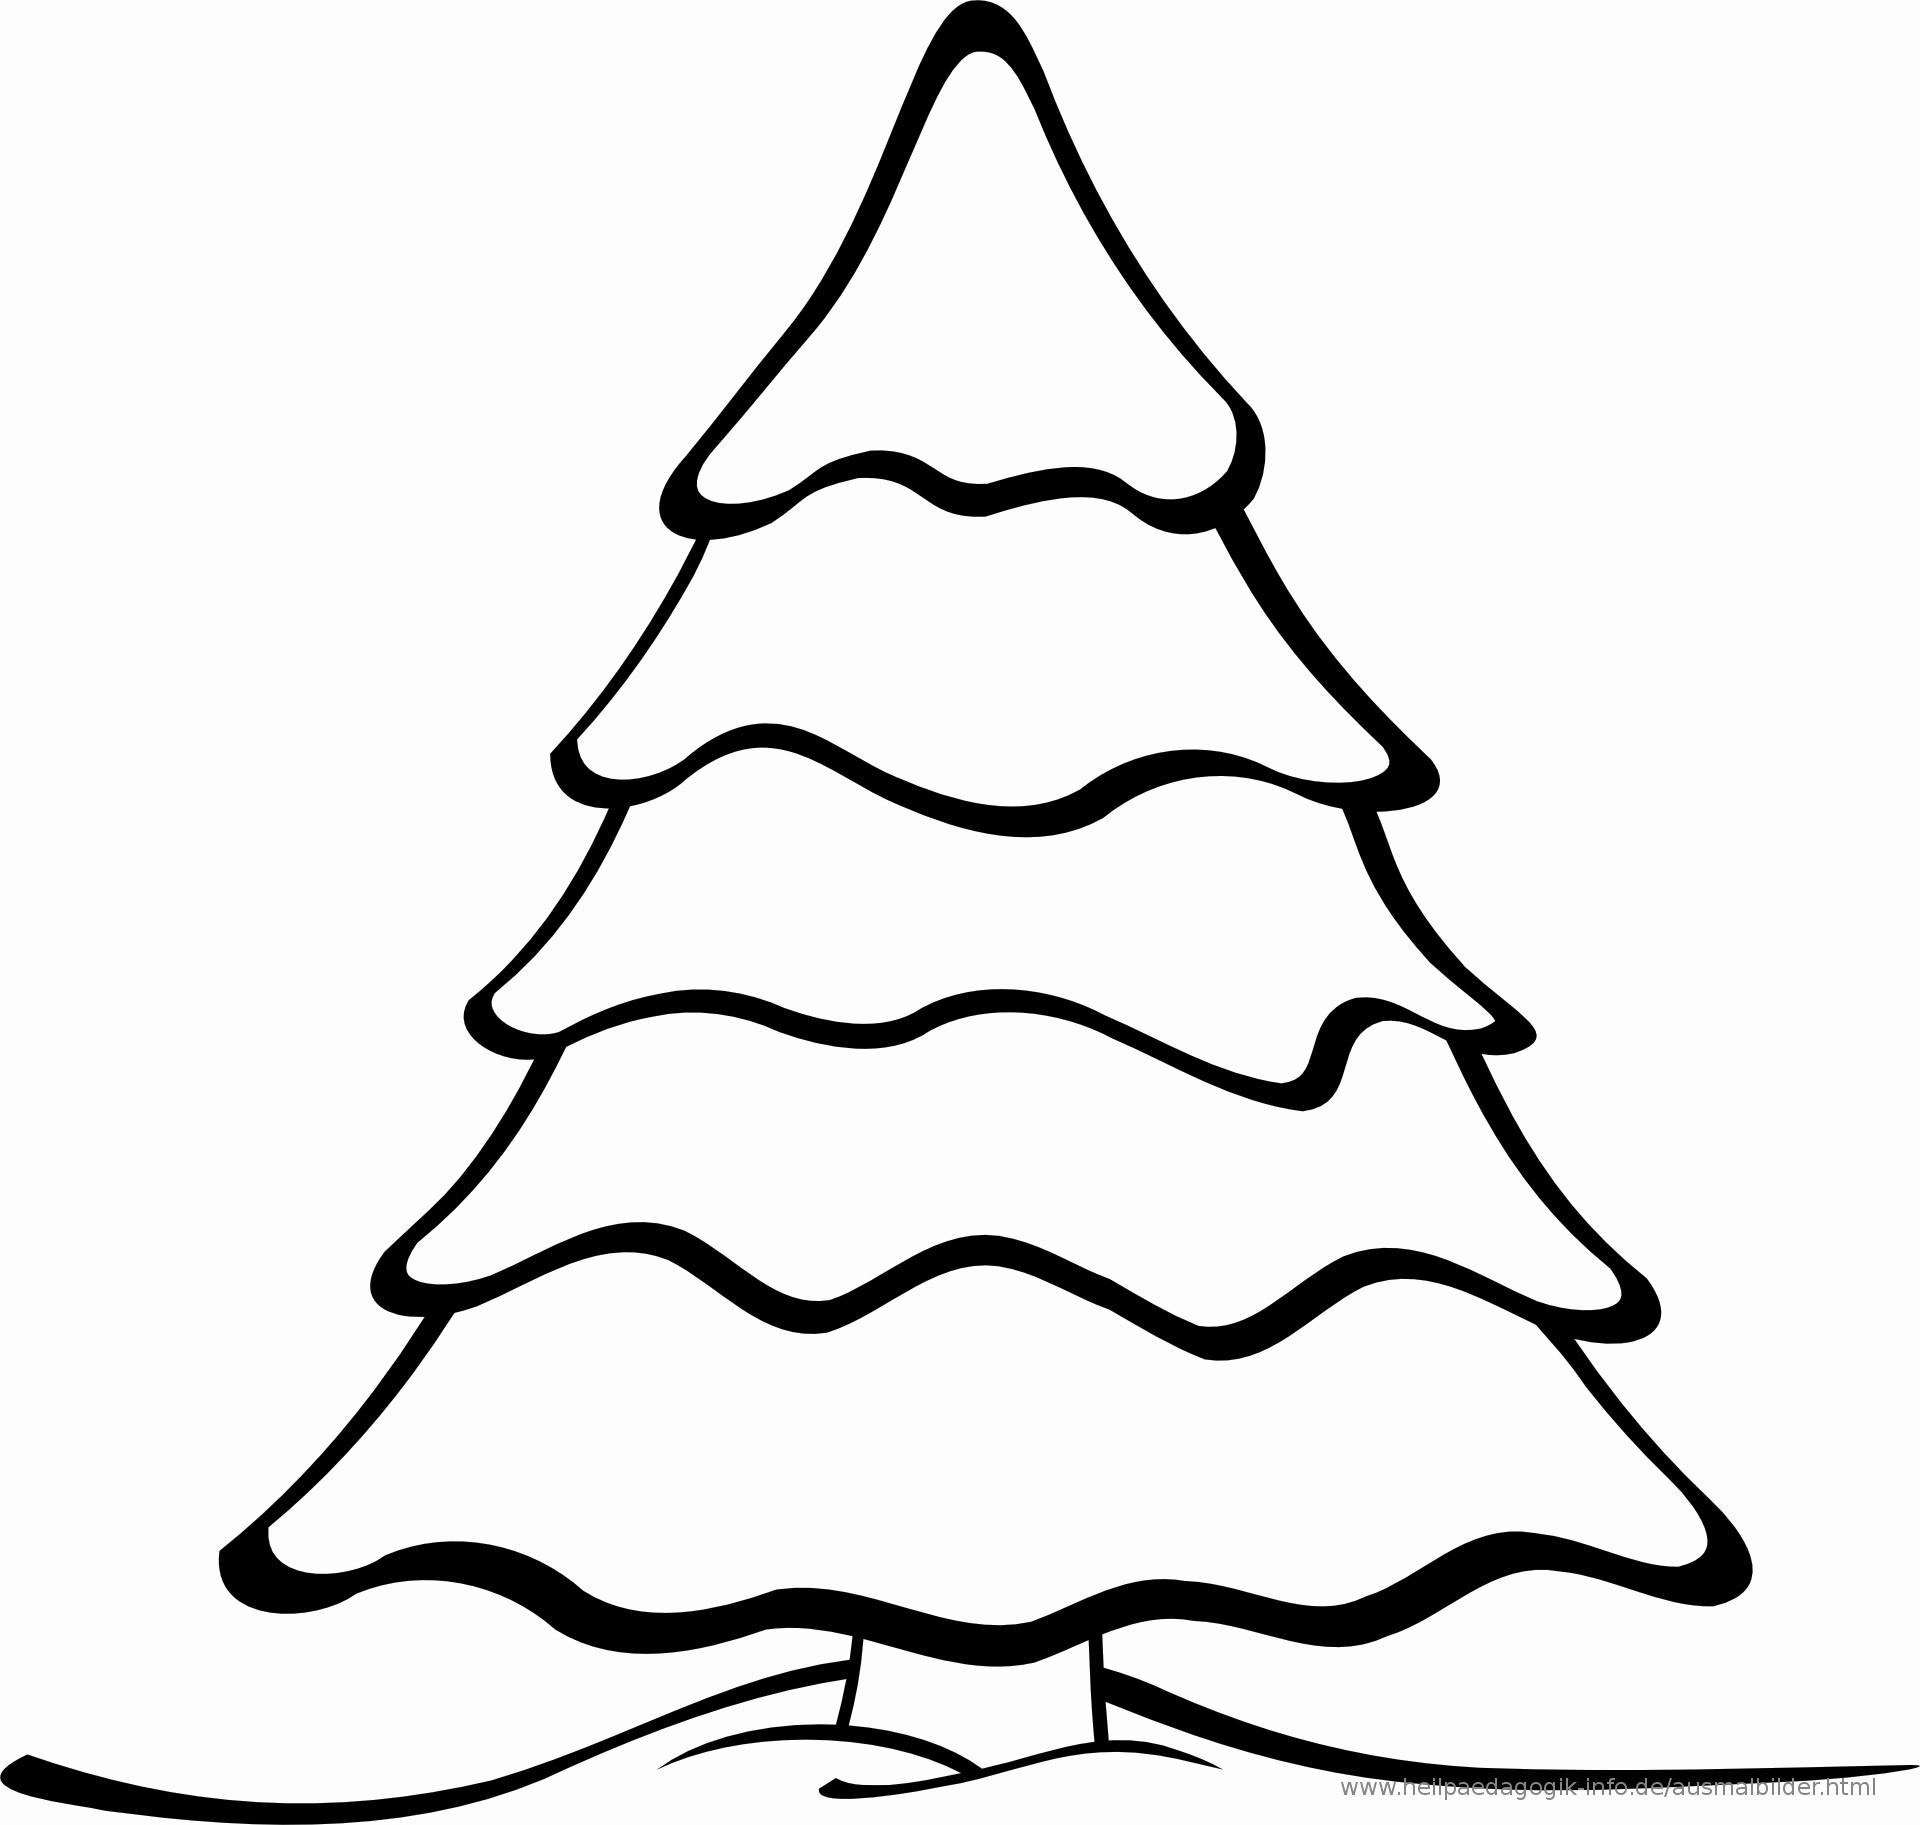 Ausmalbilder Weihnachten Einfach Neu Tannenbaum Ausmalbild Einzigartig Malvorlagen Tannenbaum Bild